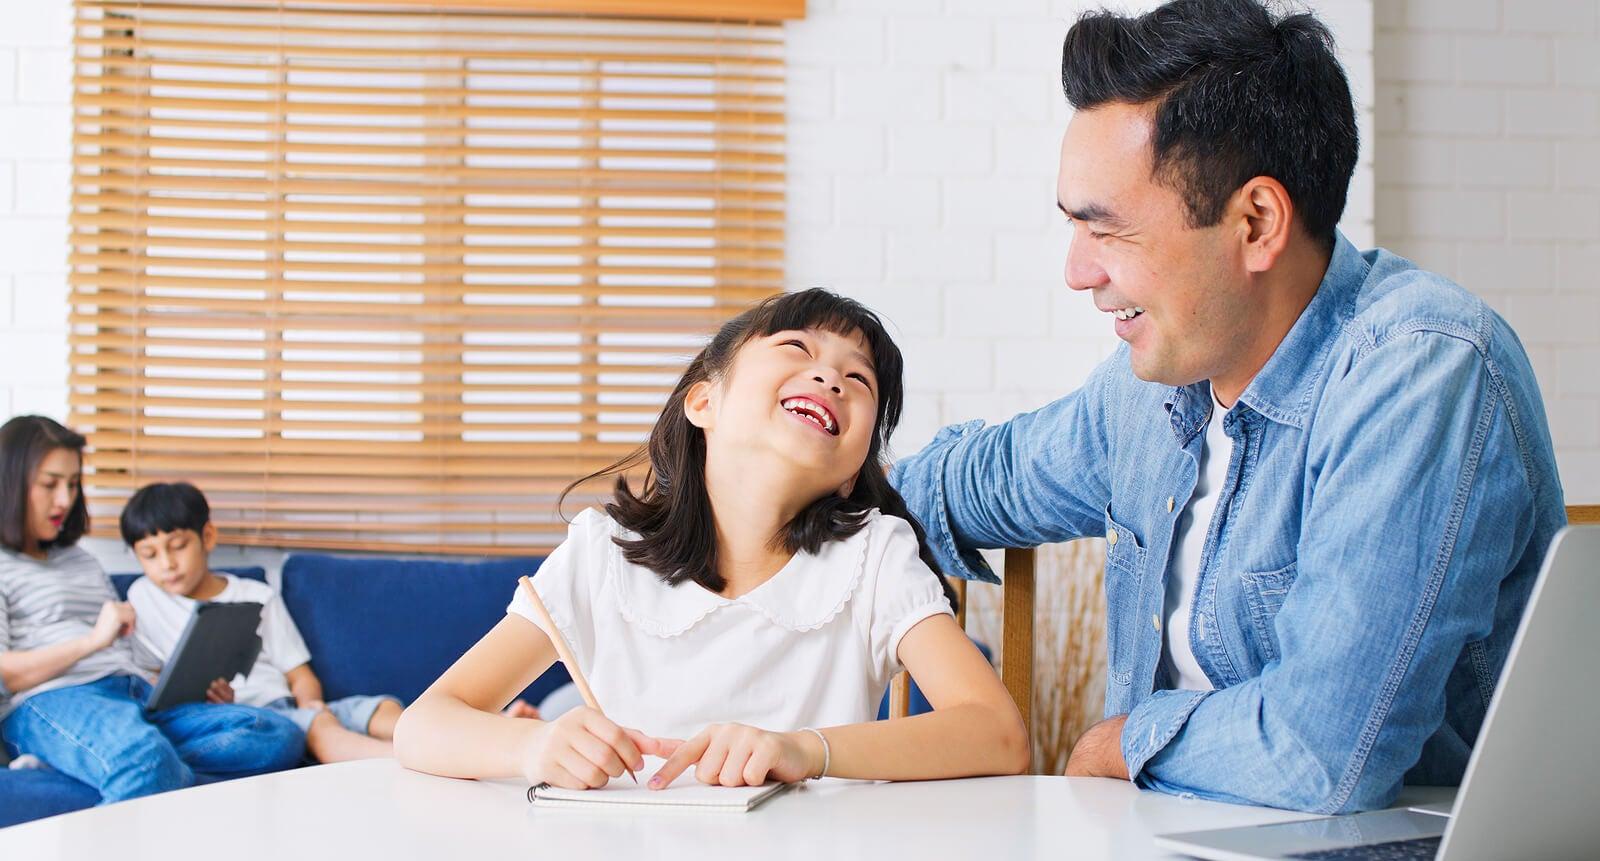 Padres poniendo en práctica estrategias para fomentar una mente abierta en sus hijos.